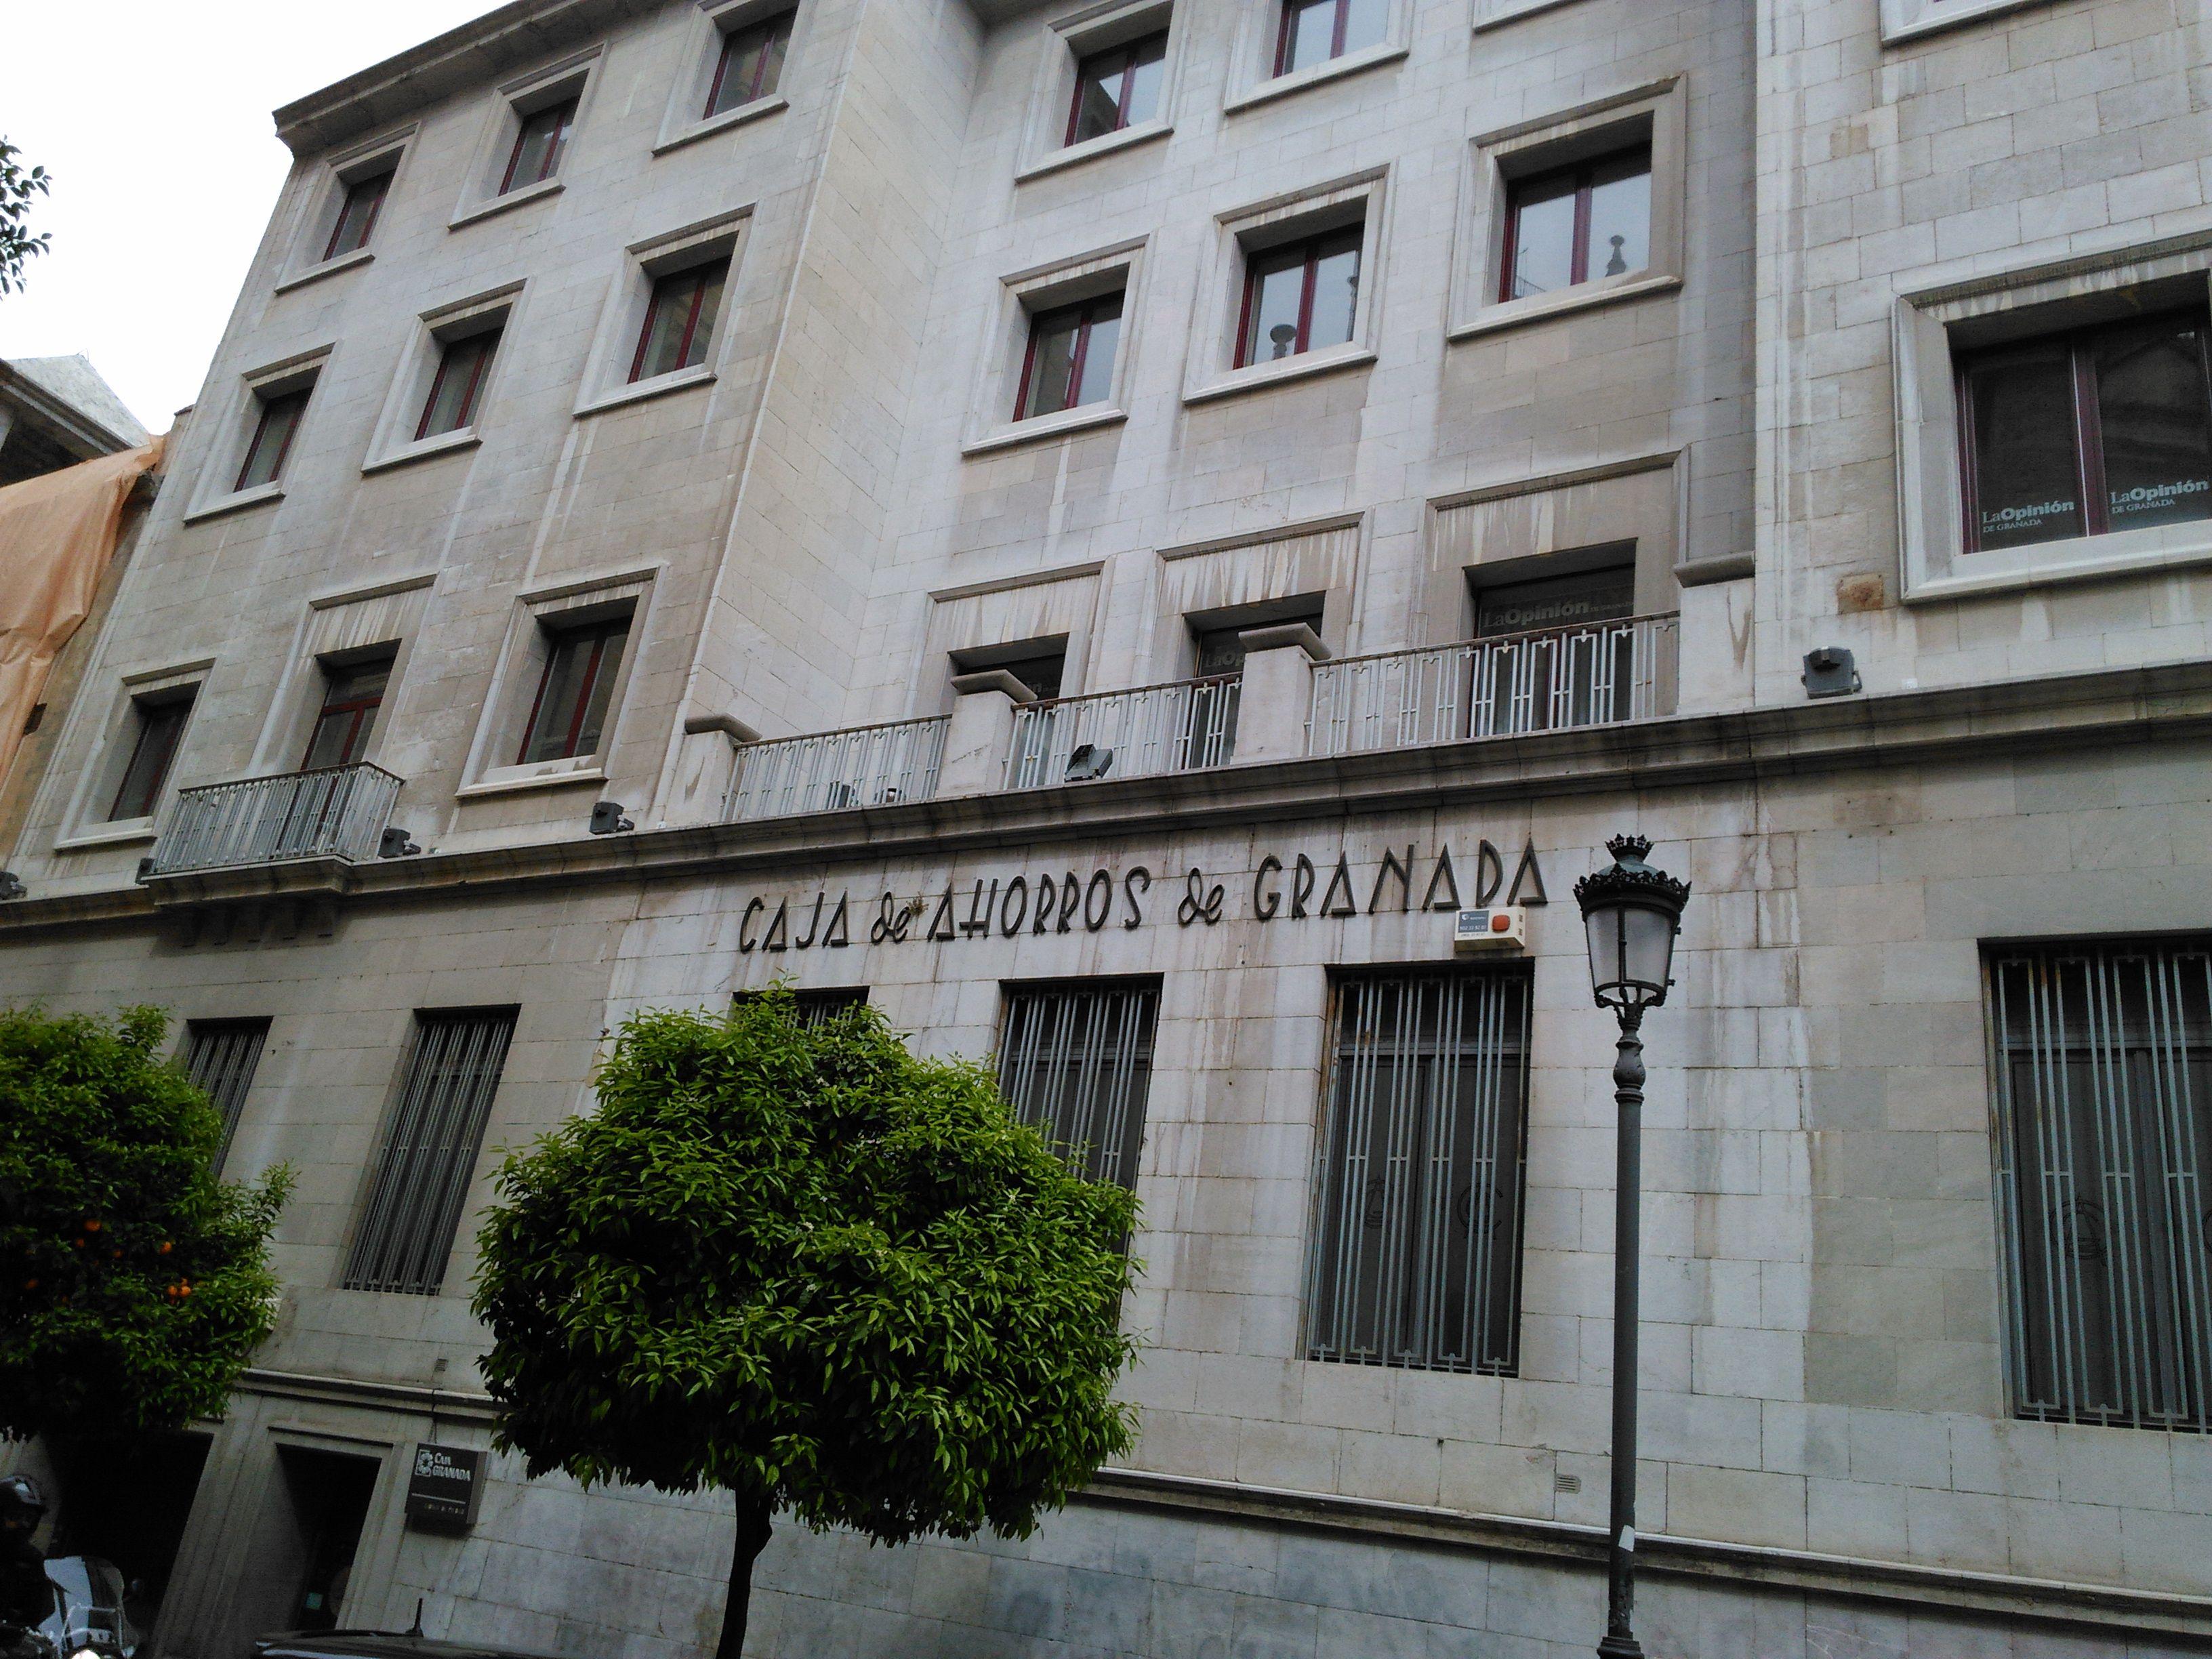 Cja de ahorros de Granada